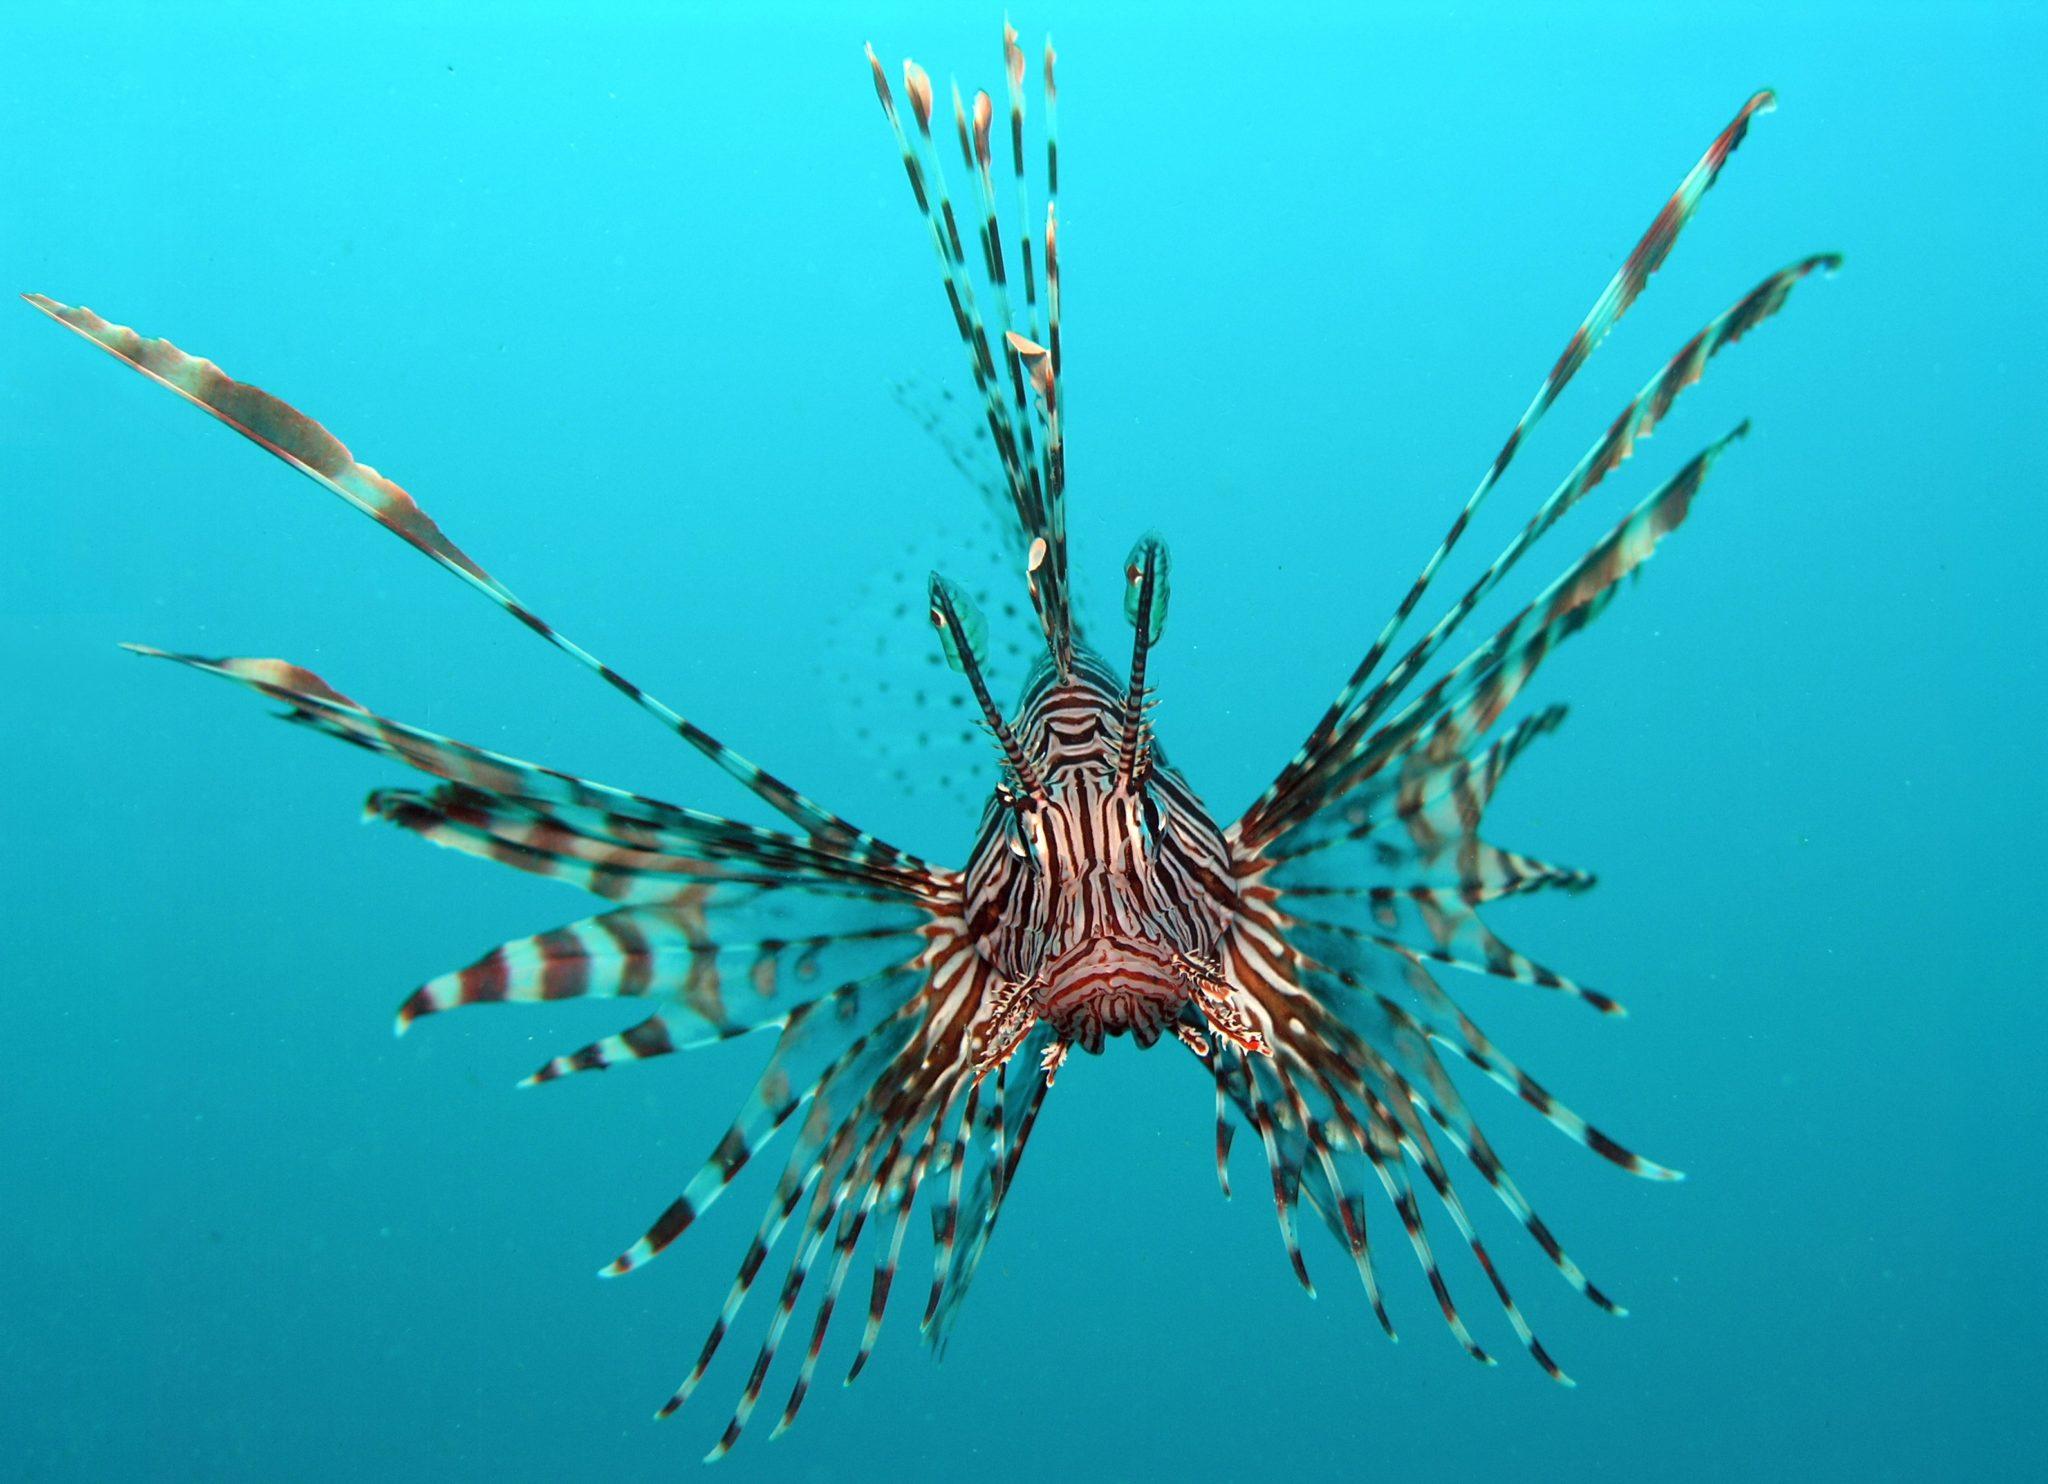 Espécies invasoras Peixe leão, imagem de peixe- leão